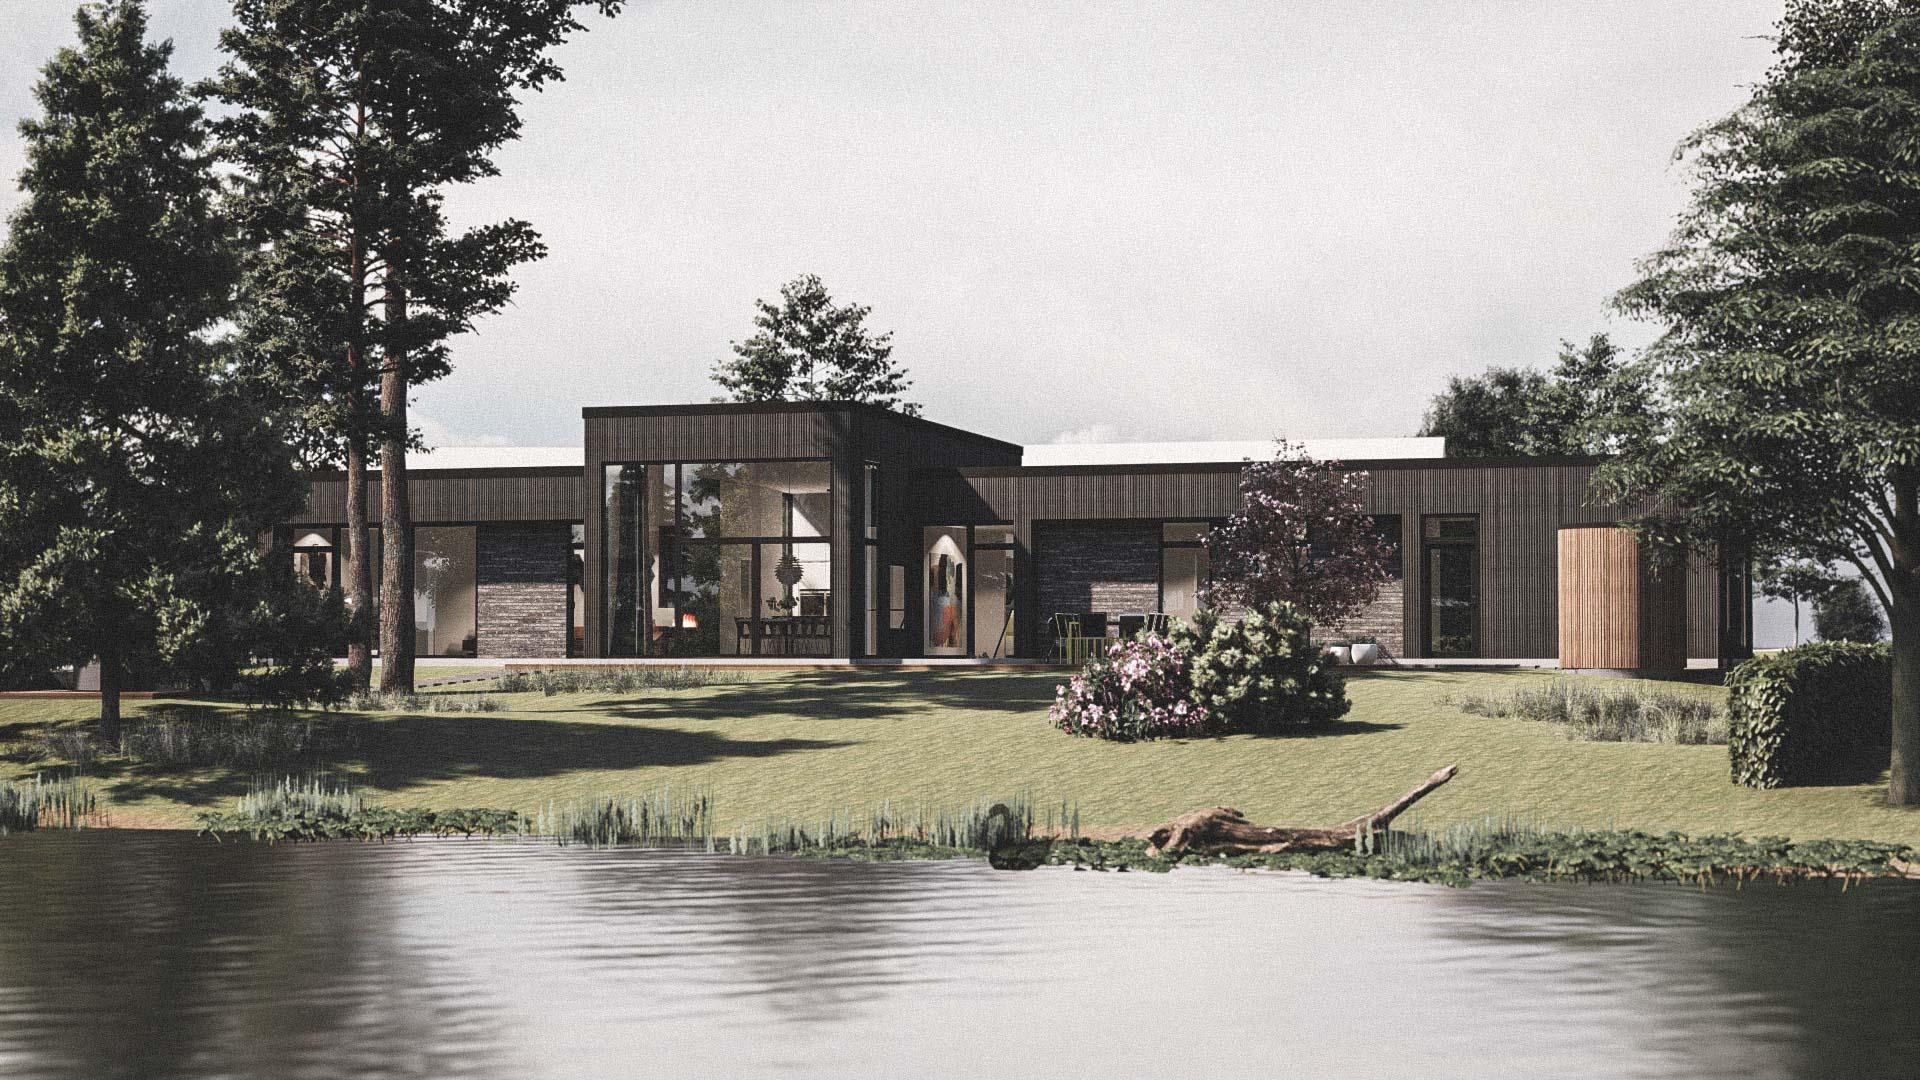 Billede af et arkitekt tegnet projektforslag af ny 2plans drømme villa i Virum, af det danske arkitektfirma m2plus